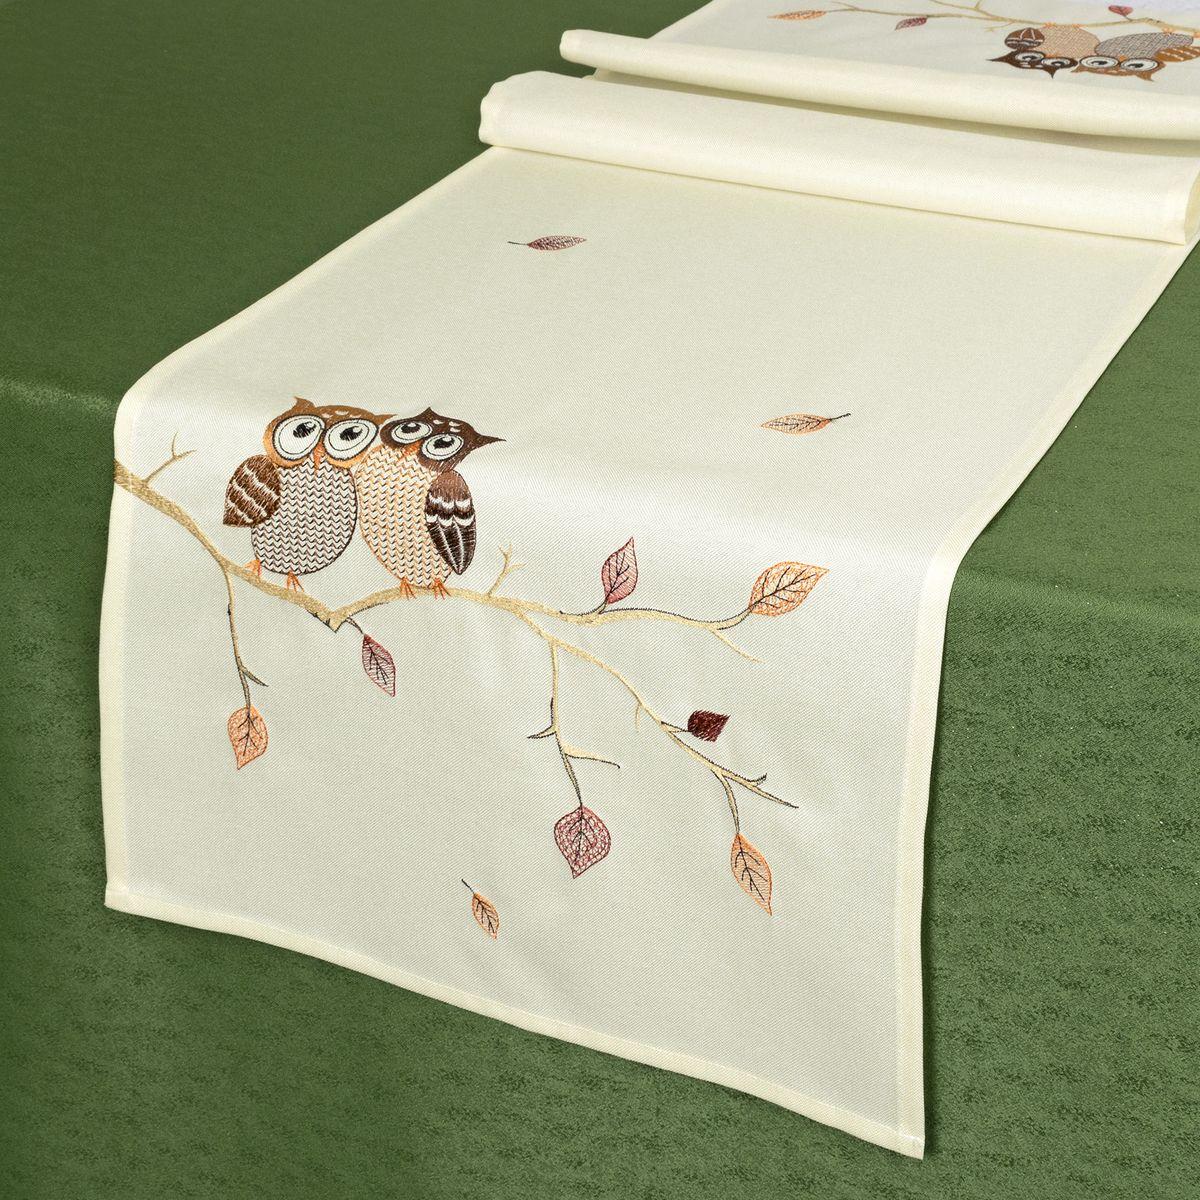 Дорожка для декорирования стола Schaefer, 40 х 140 см. 07789-21107789-211Дорожка для декорирования стола Schaefer может быть использована, как основной элемент, так и дополнение для создания уюта и романтического настроения.Дорожка выполнена из полиэстера. Изделие легко стирать: оно не мнется, не садится и быстро сохнет, более долговечно, чем изделие из натуральных волокон.Материал: 100% полиэстер.Размер: 40 х 140 см.